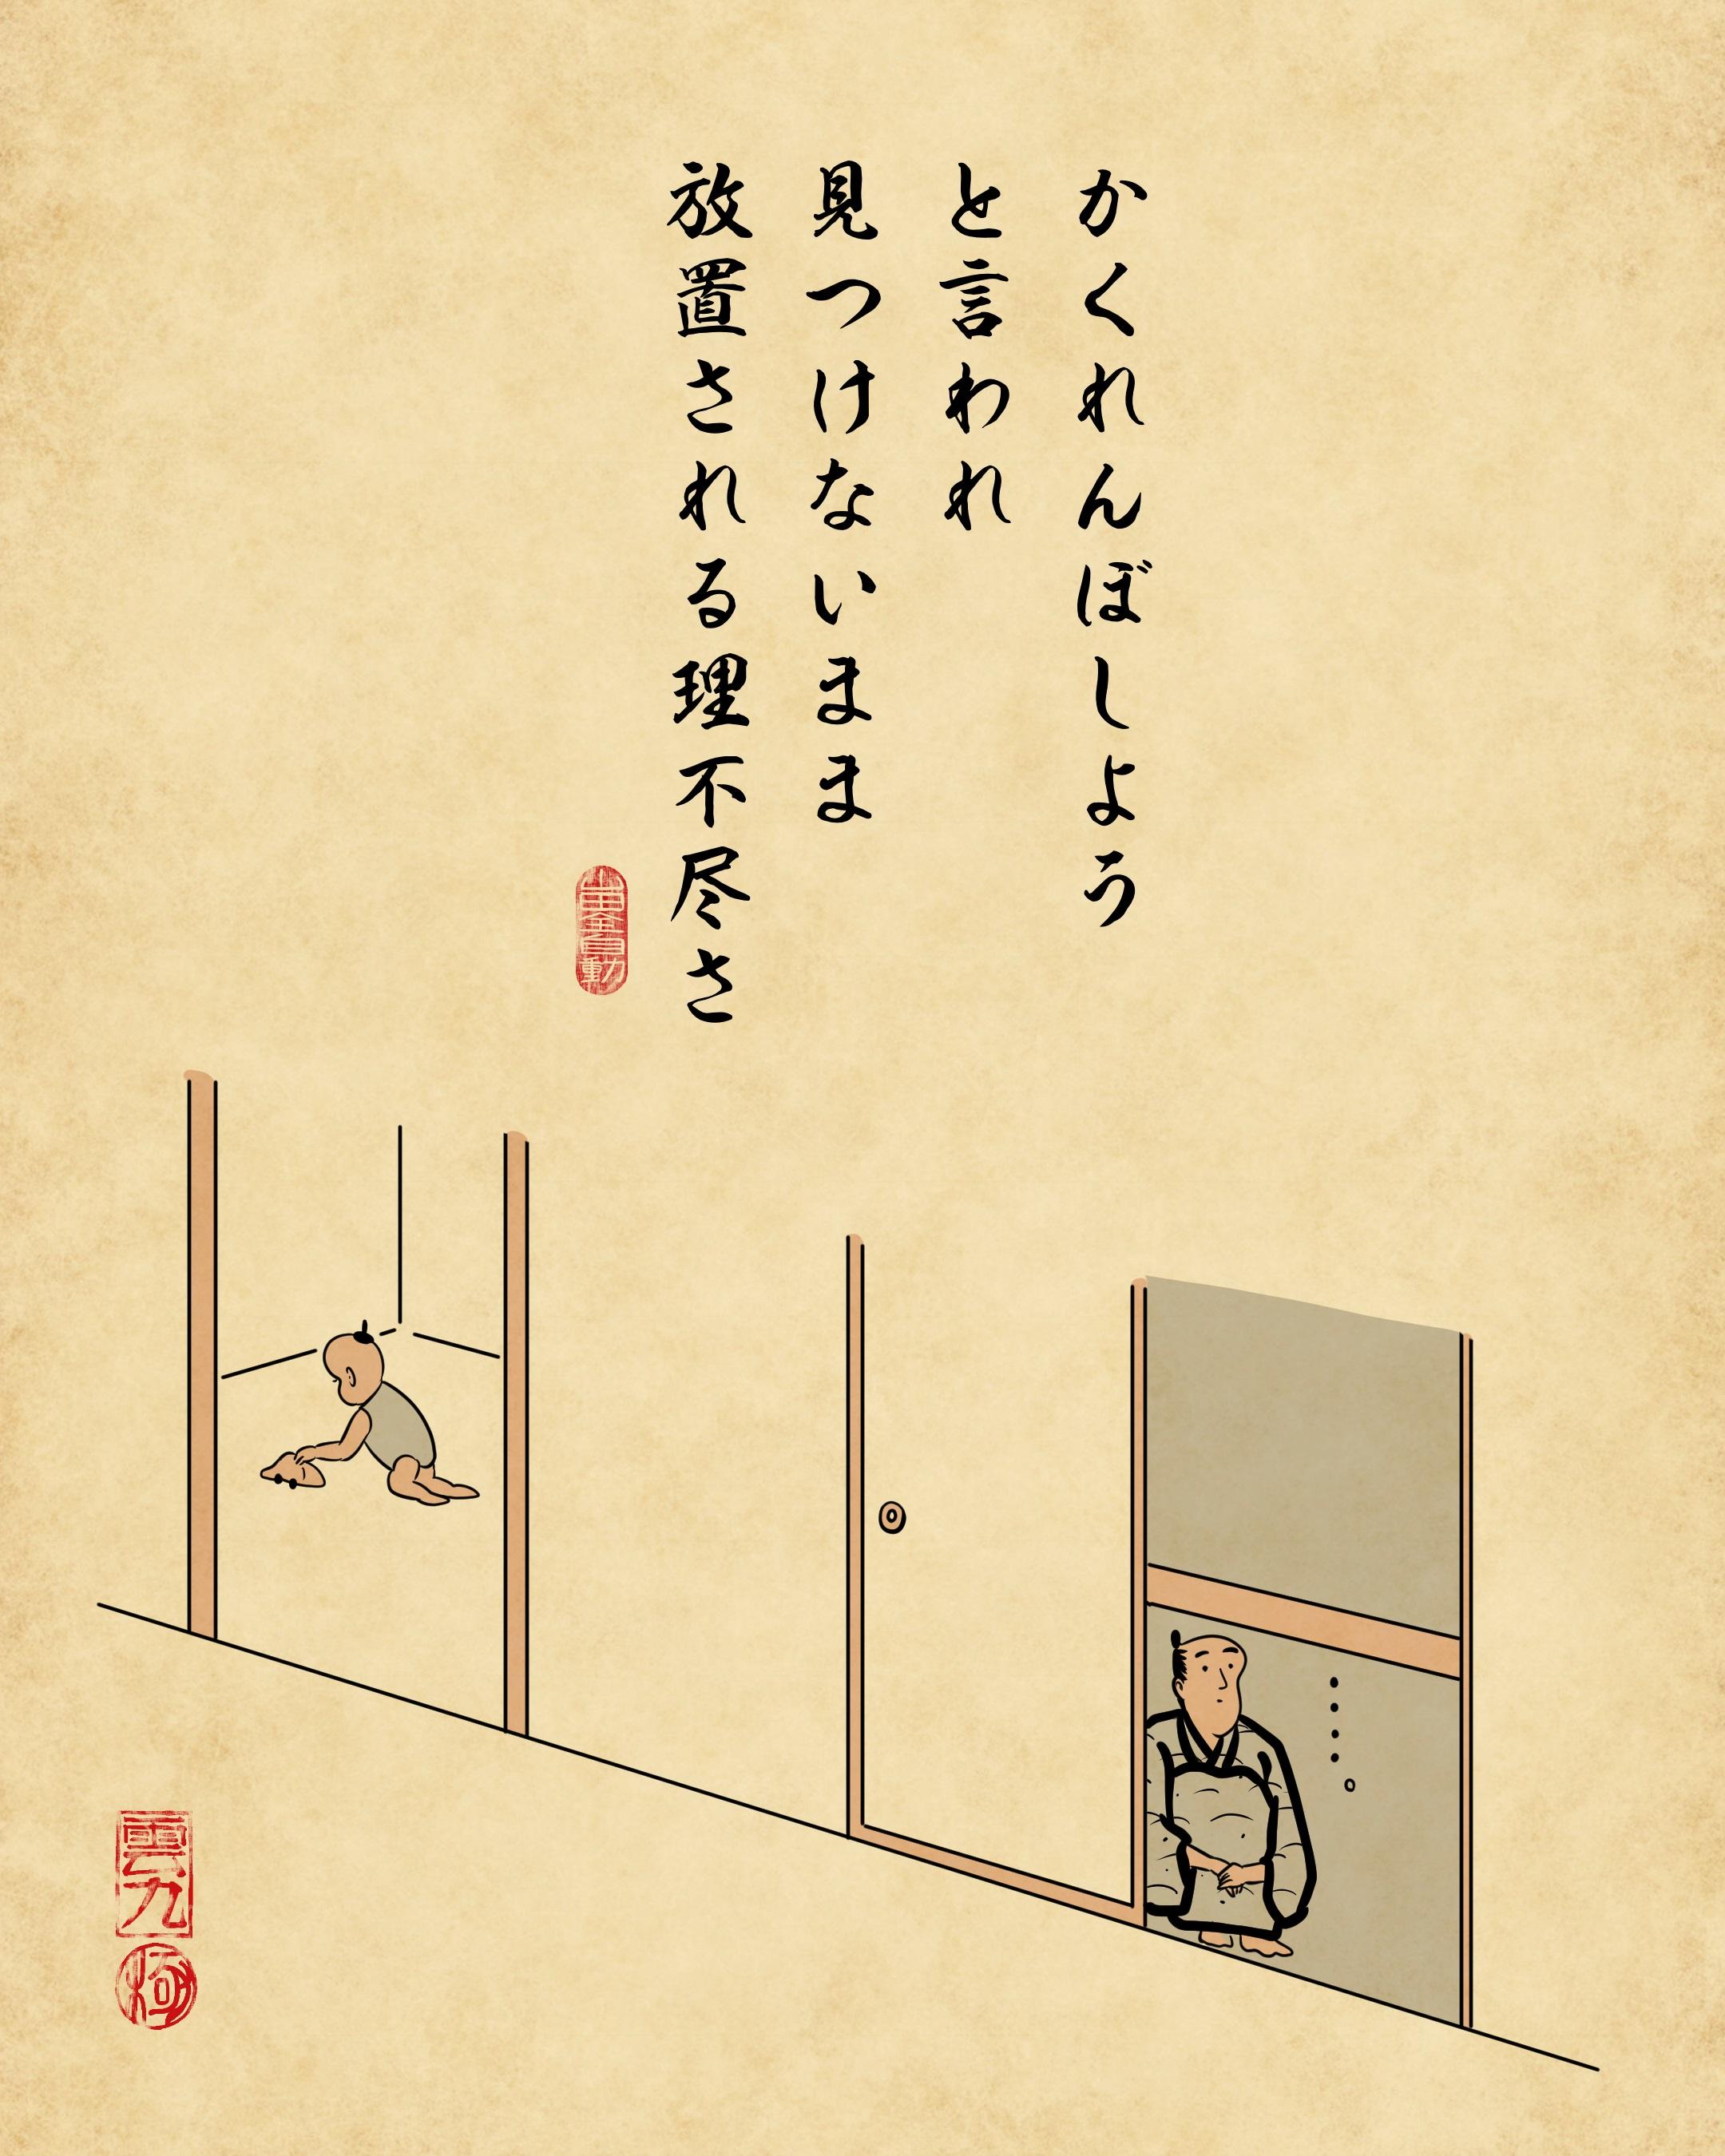 【山田全自動連載】家族暮らしあるあるでござる -子供編- かくれんぼしようと言われ、見つけないまま放置される理不尽さ(押入れの中に隠れている父、もう別の遊びをしている子供)